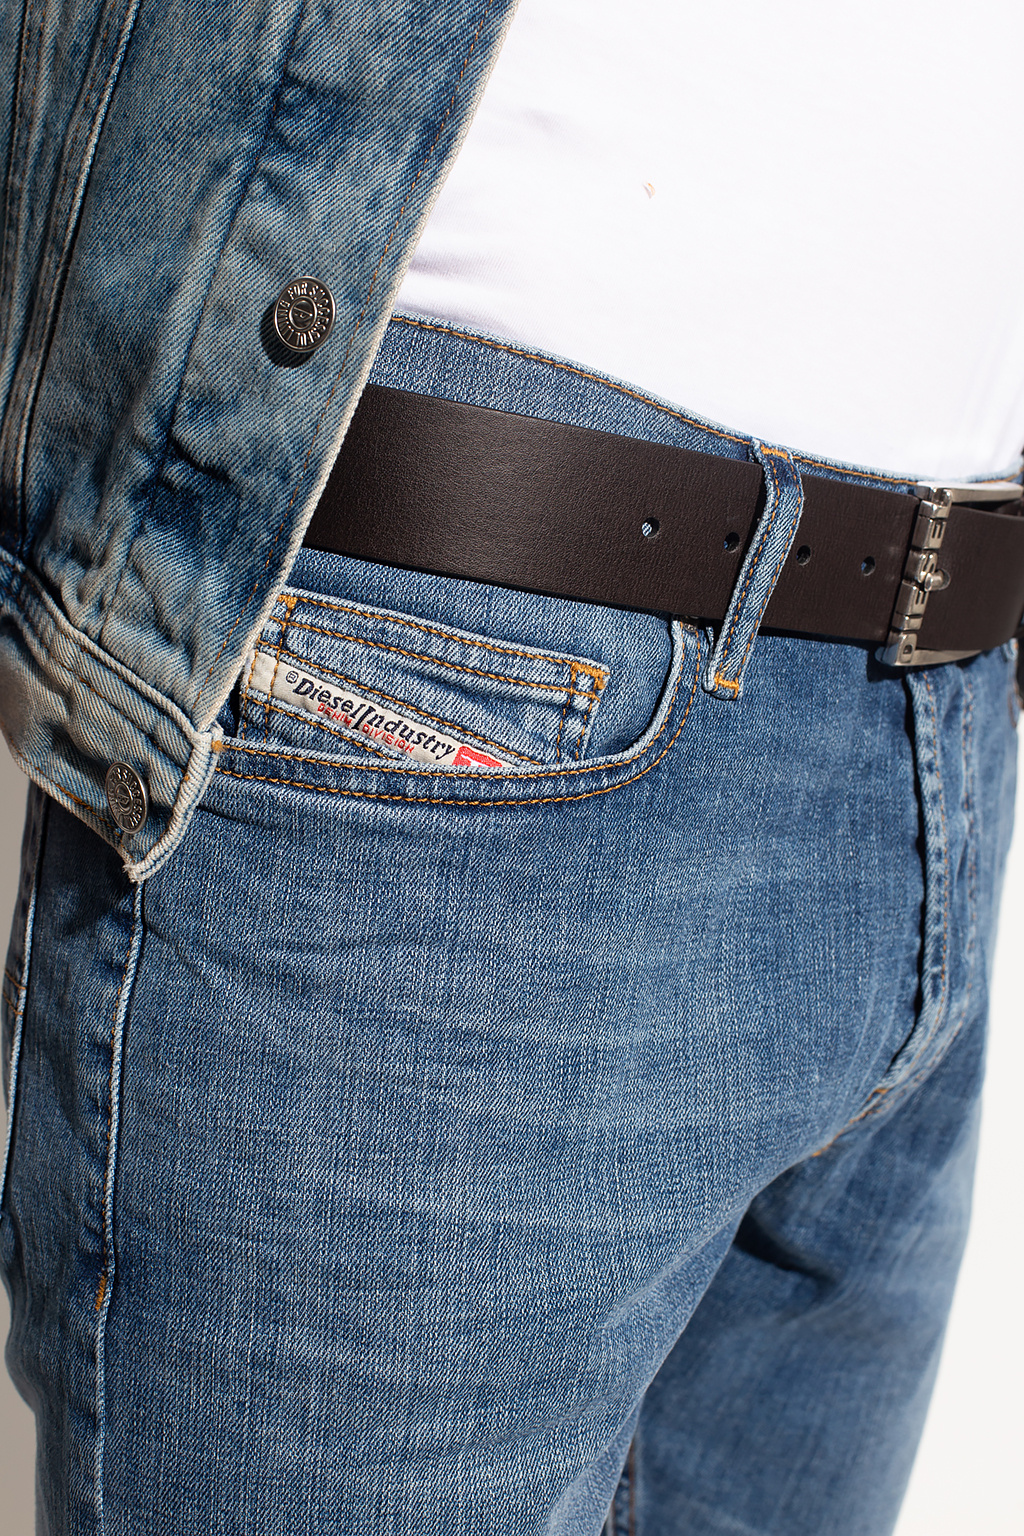 Diesel 'D-Luster' jeans